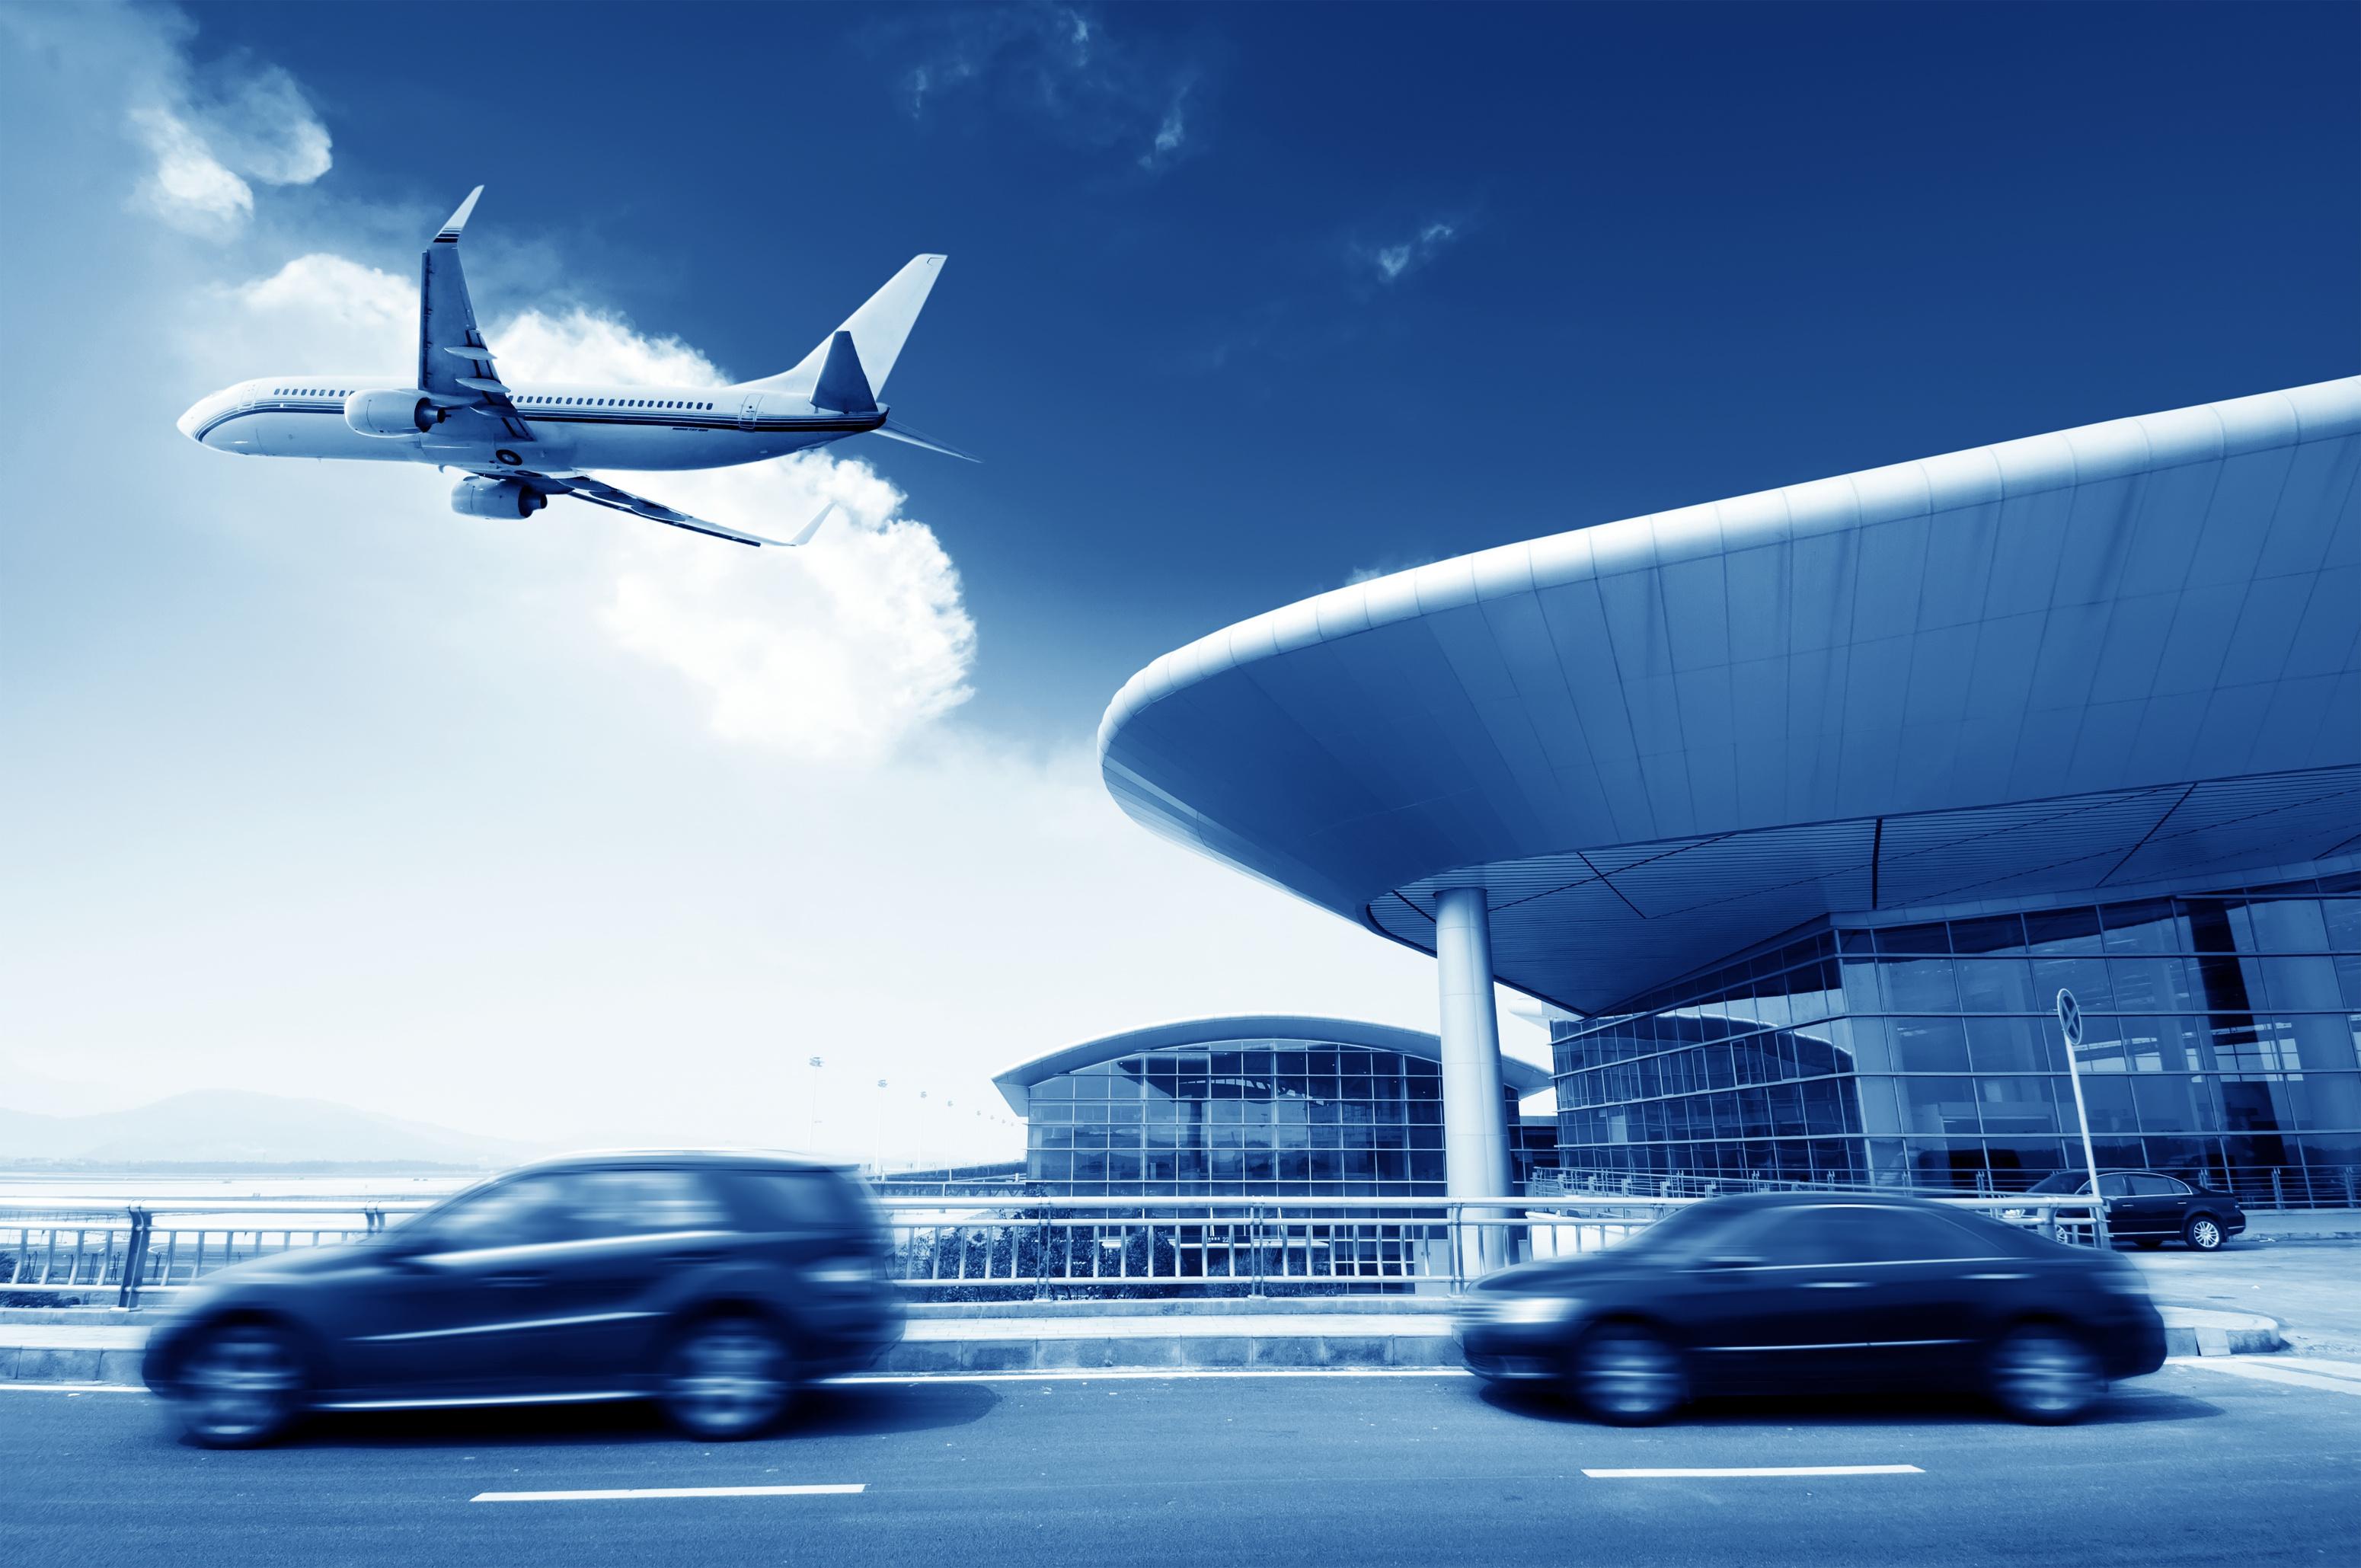 """<ImageCaption xmlns=""""http://parkcloud.net/internal"""">ParkCloud partners with Q-Park to offer online airport parking portal</ImageCaption>"""